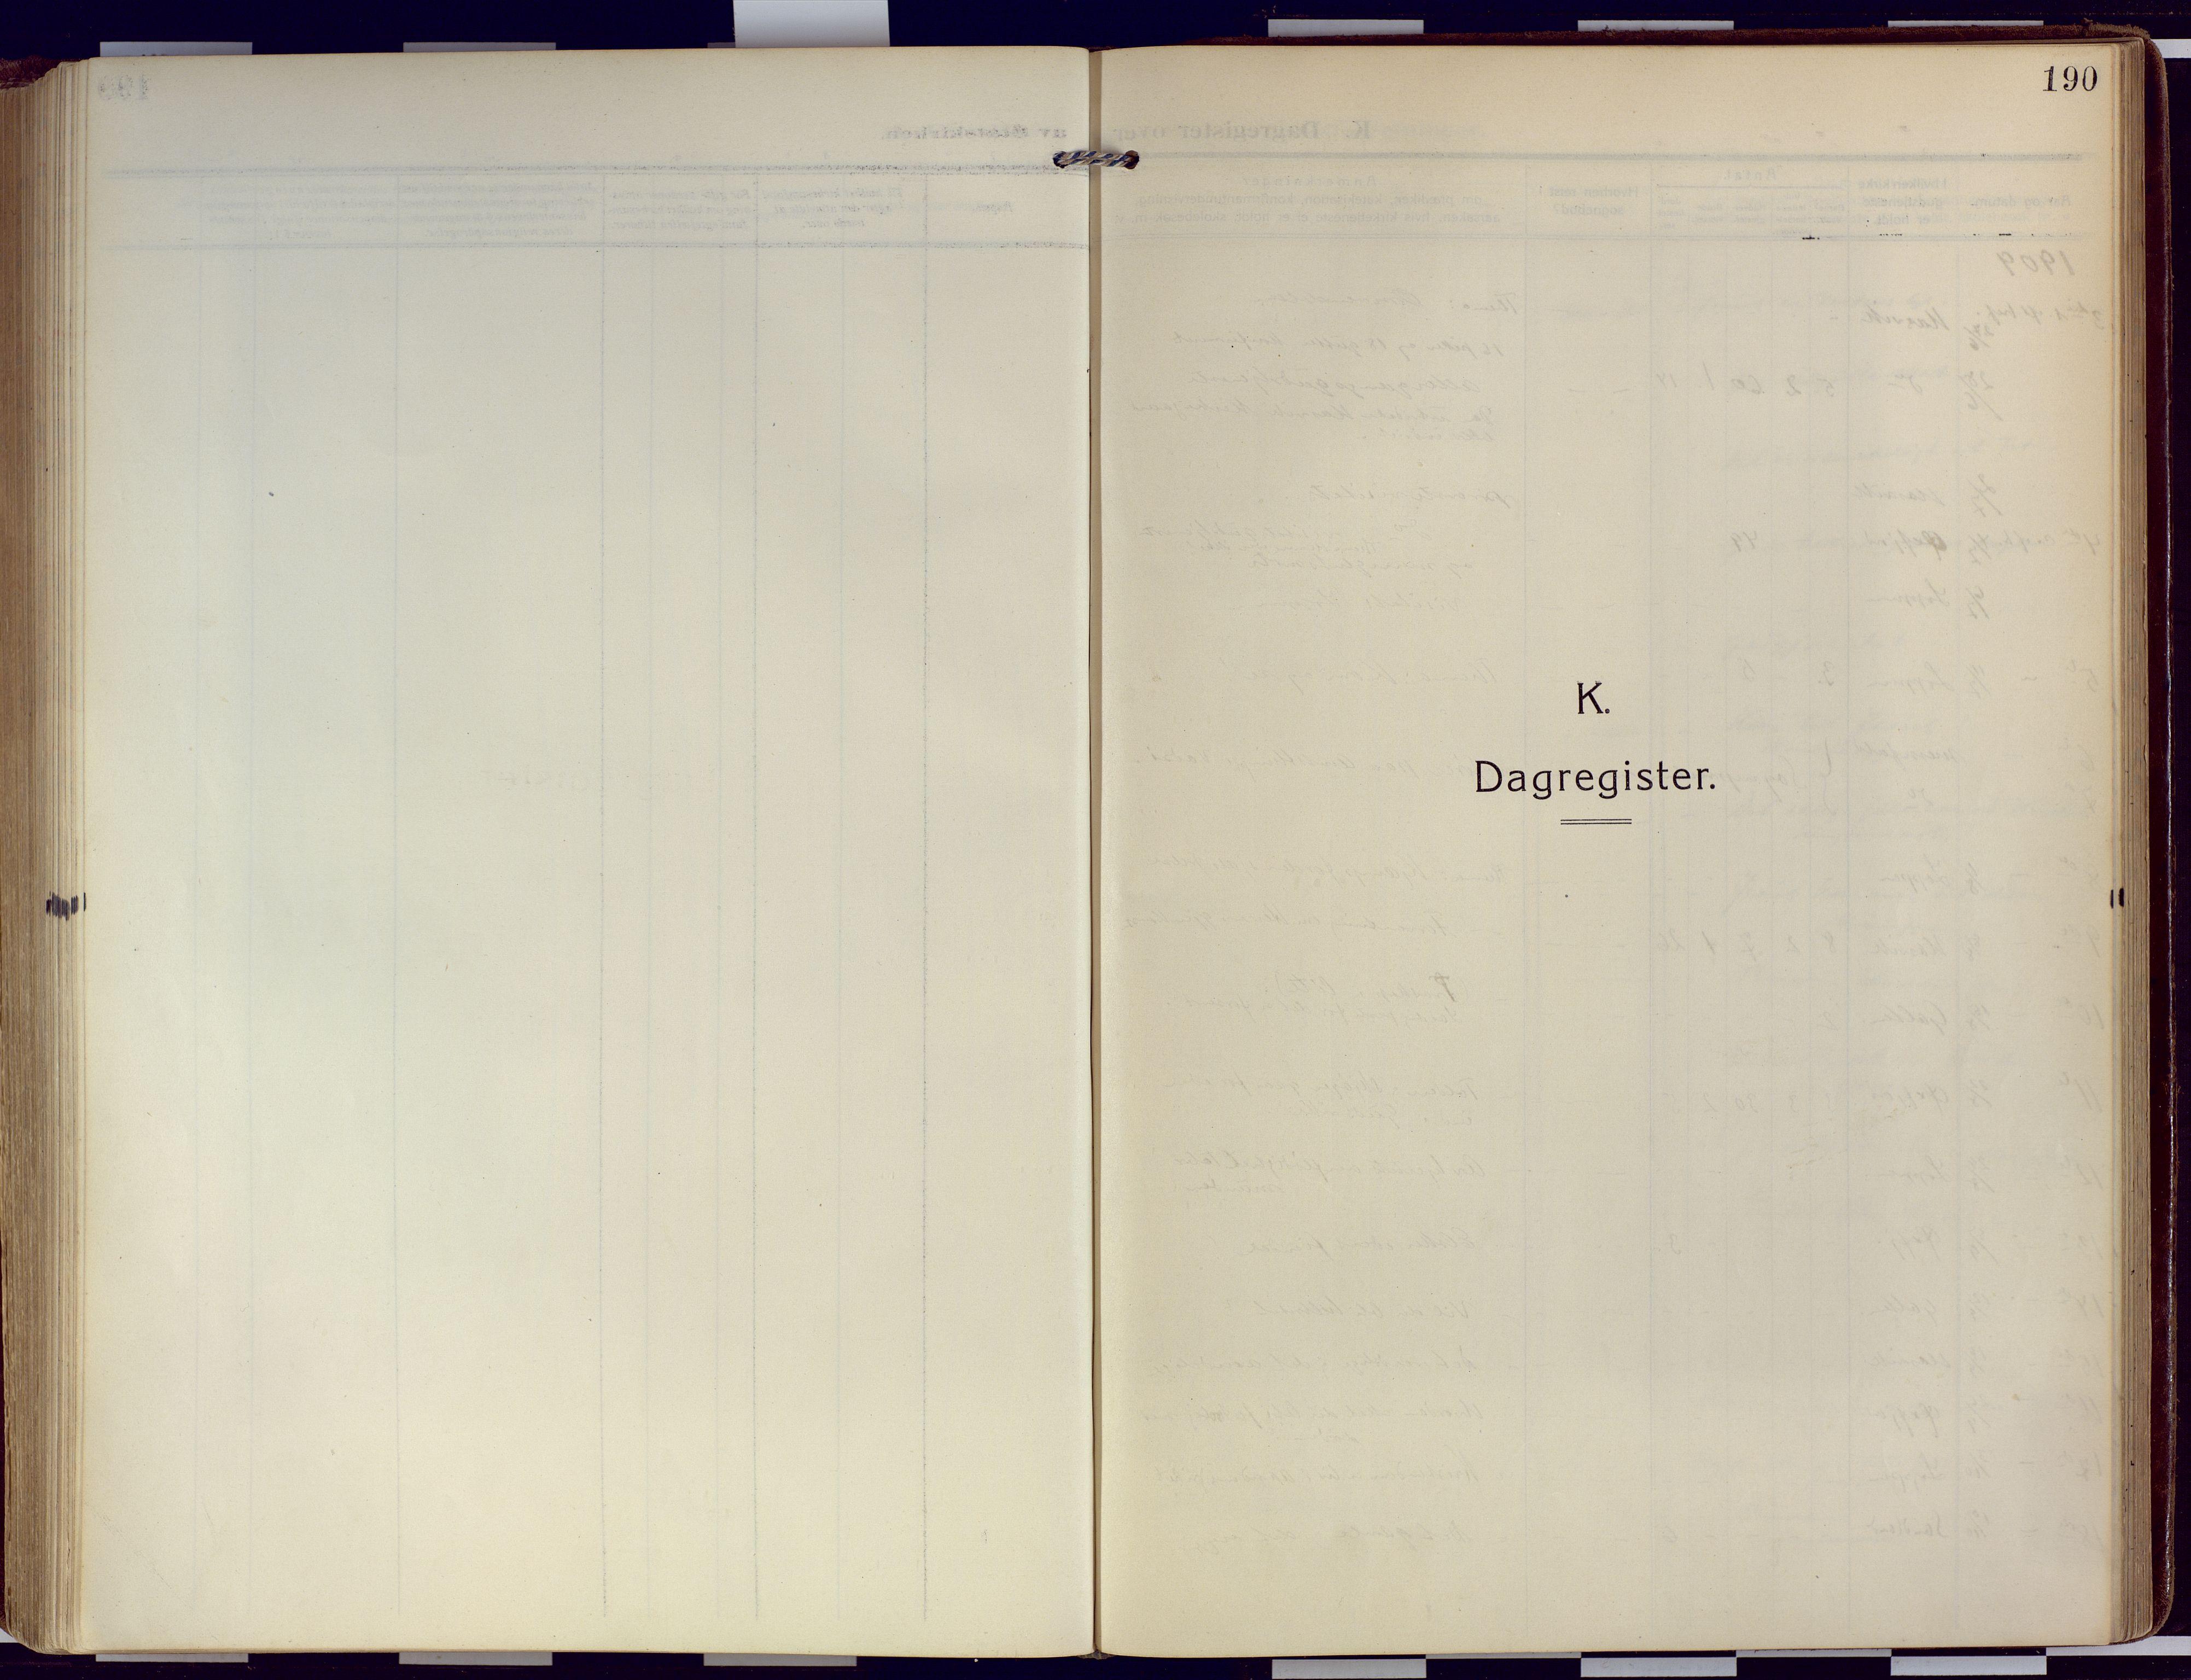 SATØ, Loppa sokneprestkontor, H/Ha/L0011kirke: Ministerialbok nr. 11, 1909-1919, s. 190